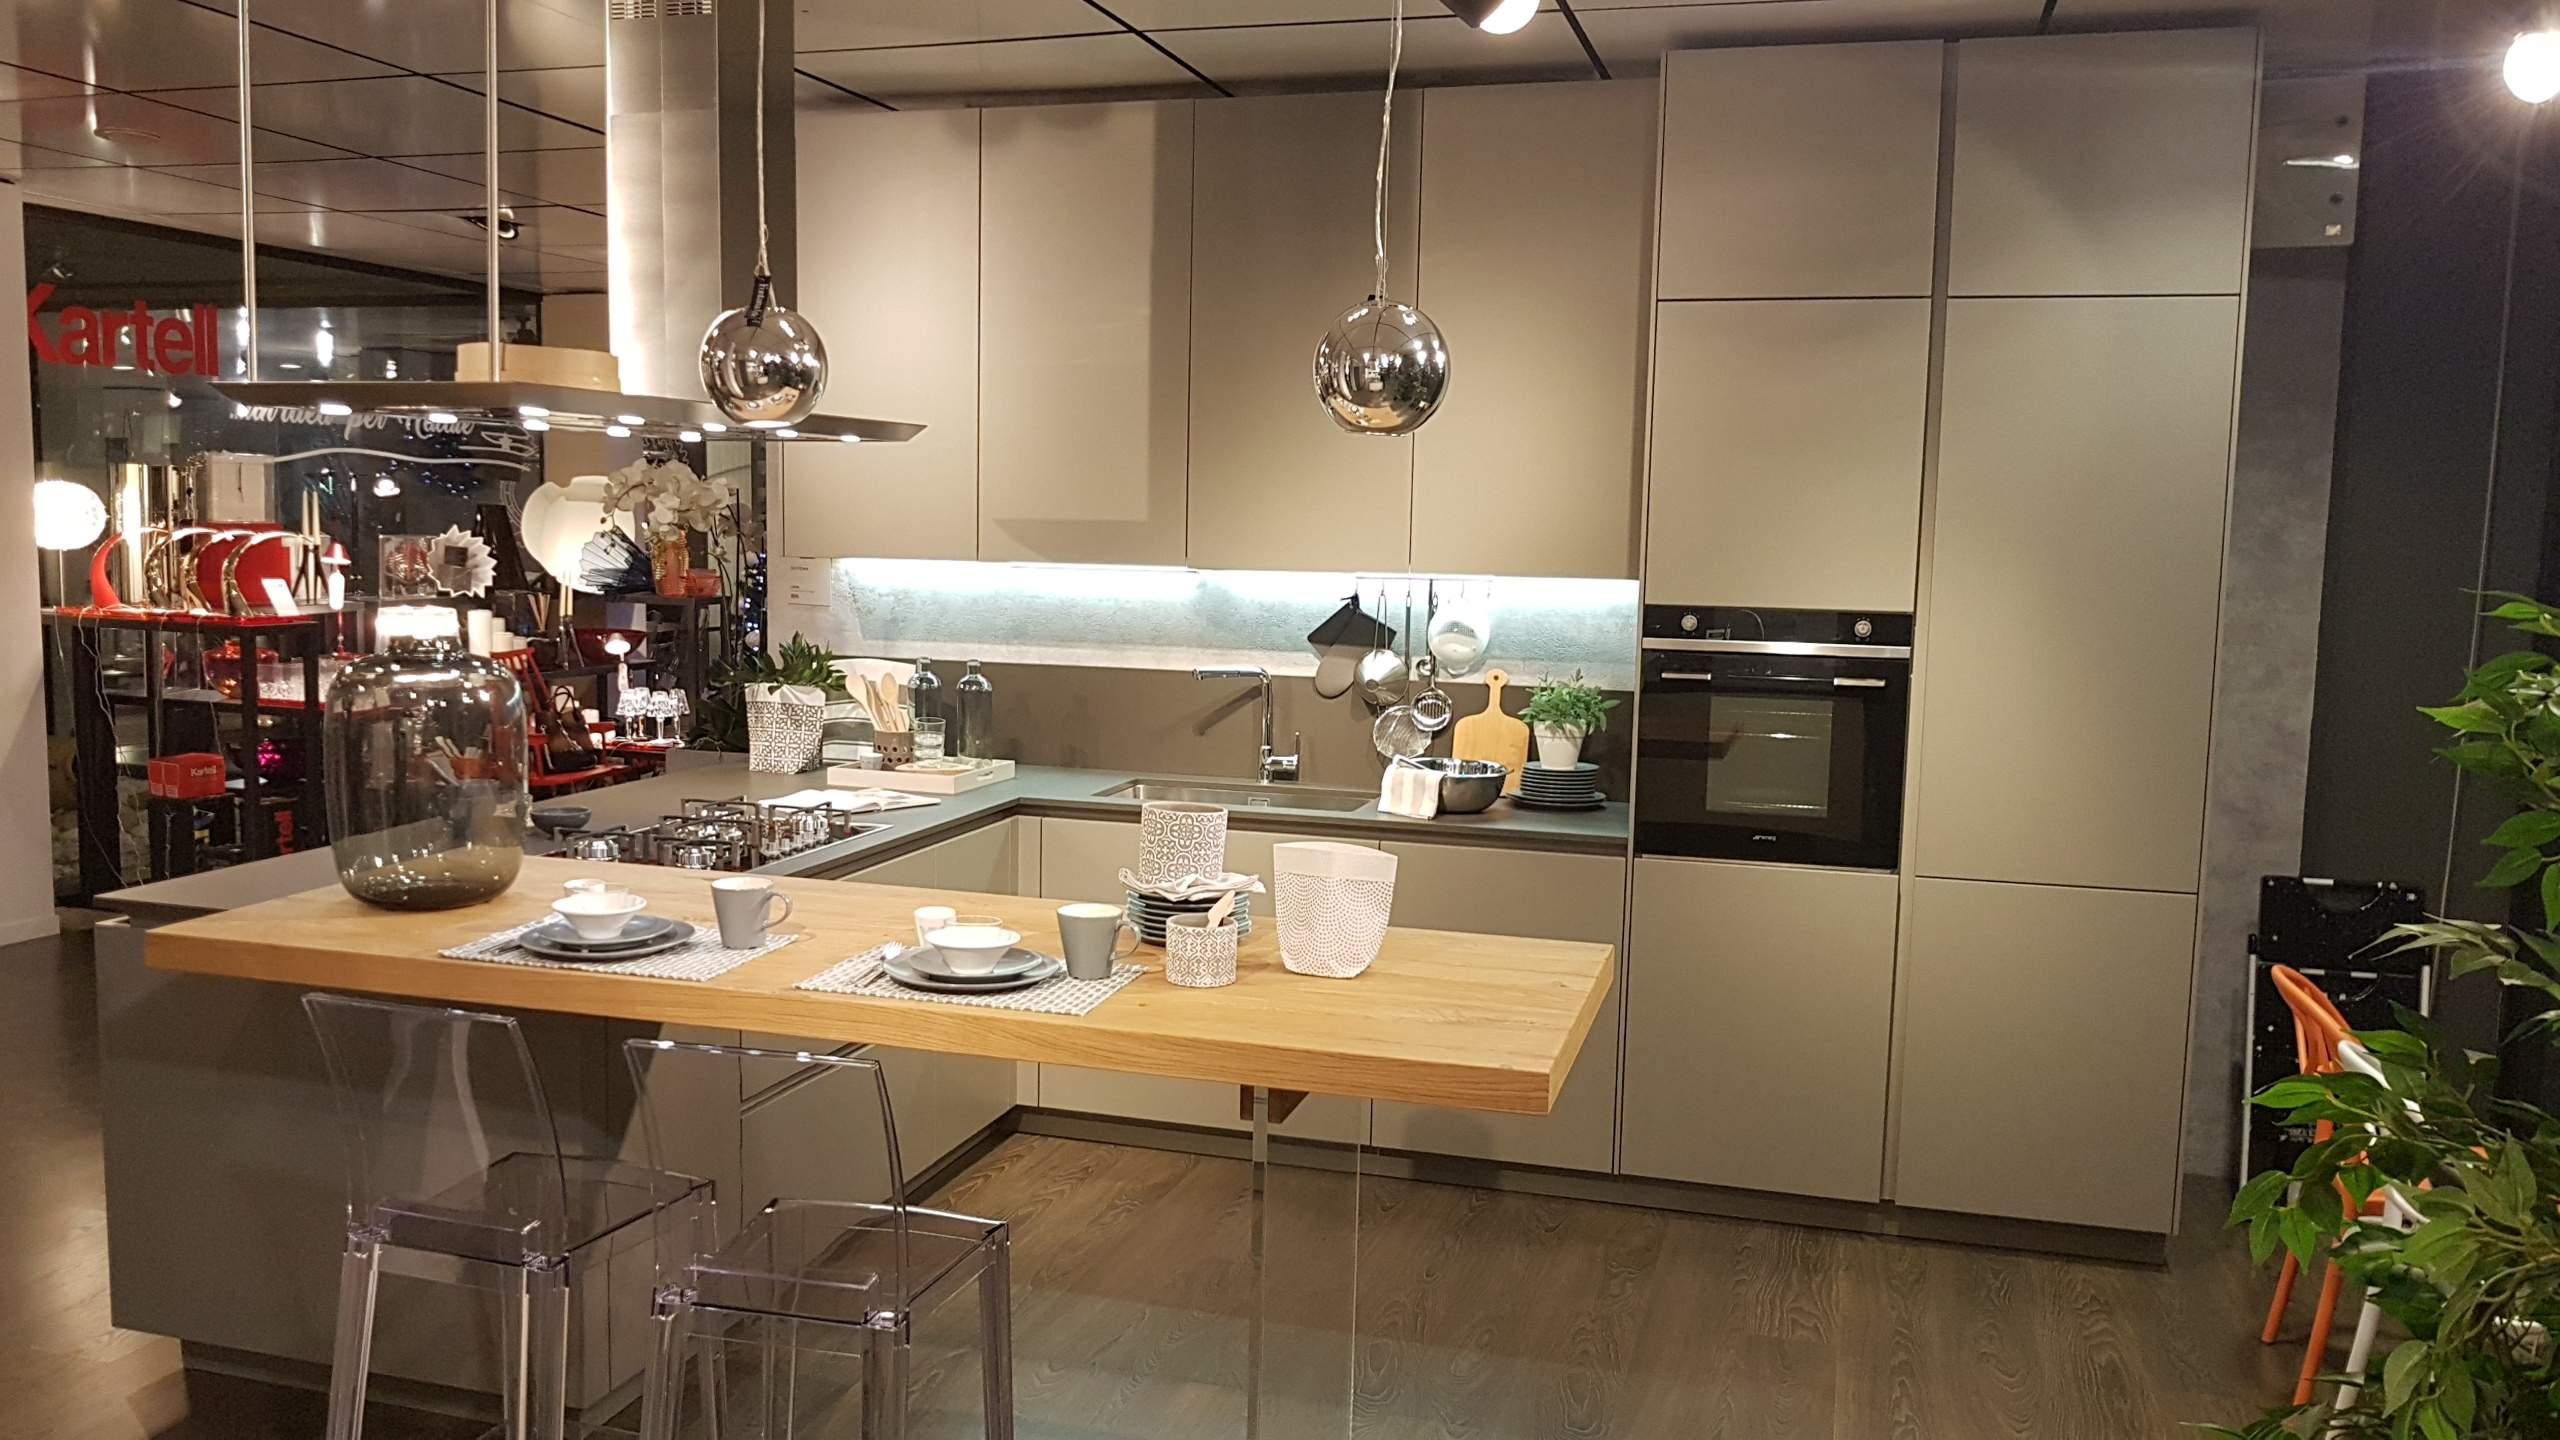 Cucina Snaidero Modello Idea | Prezzo Cucine Snaidero Home Interior ...